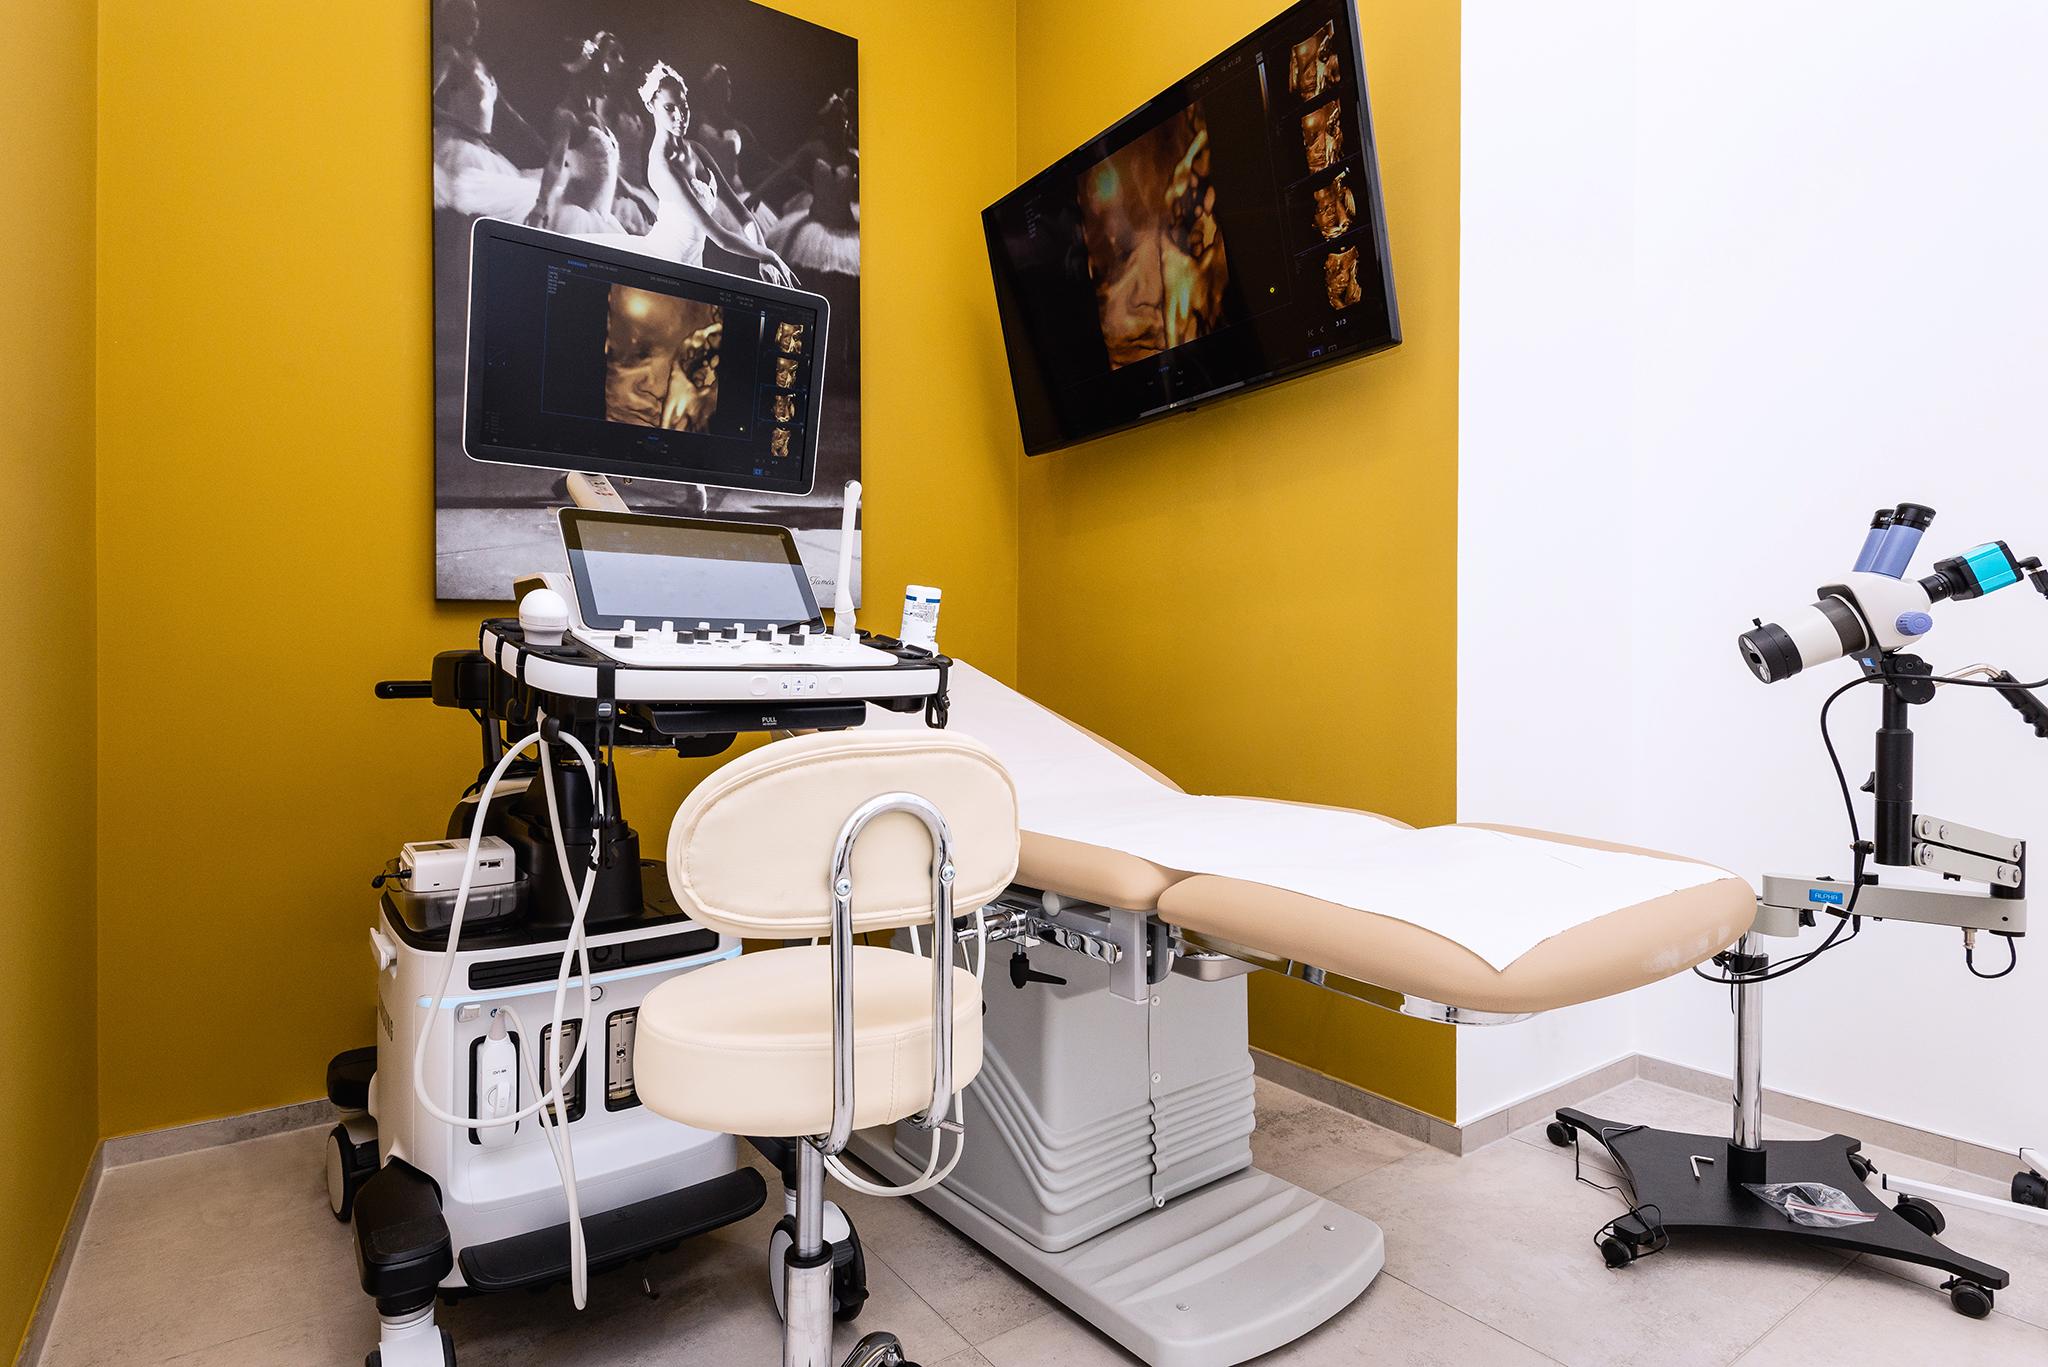 Hattyú Medicina vizsgáló ultrahang